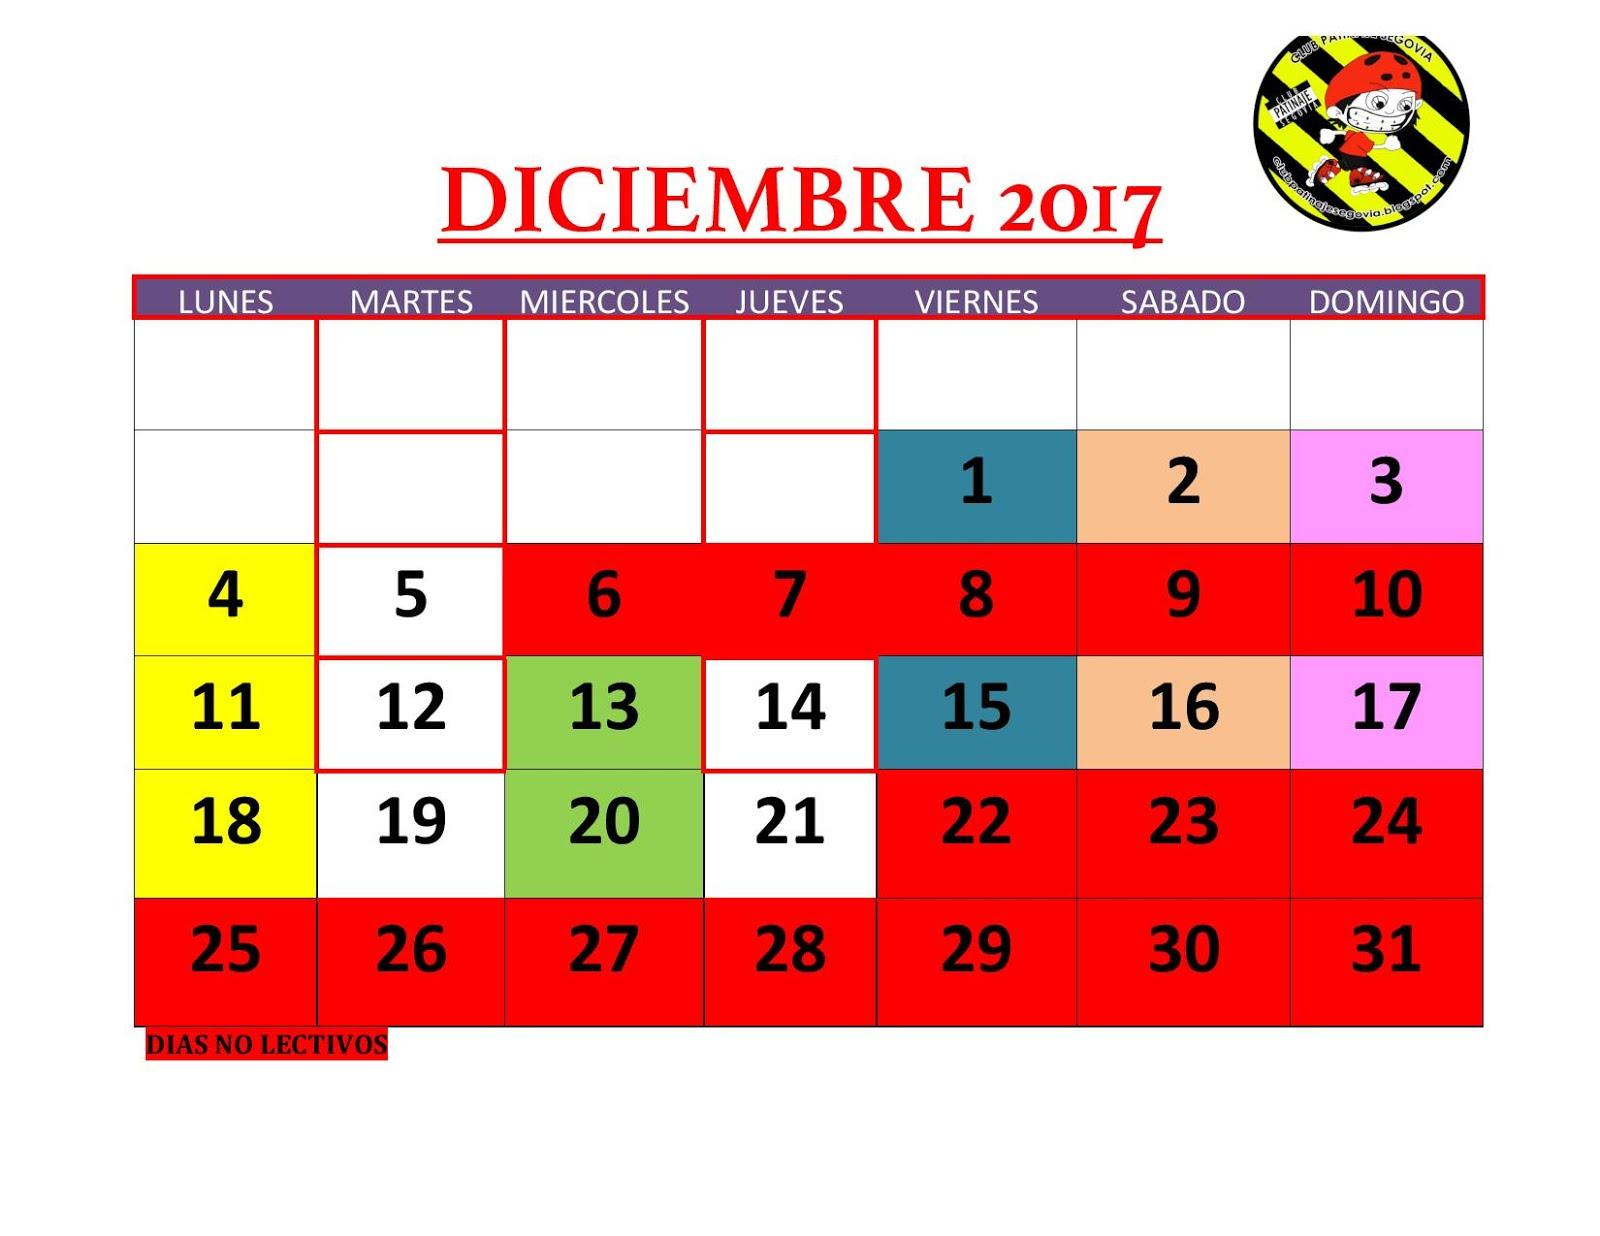 DIC 2017